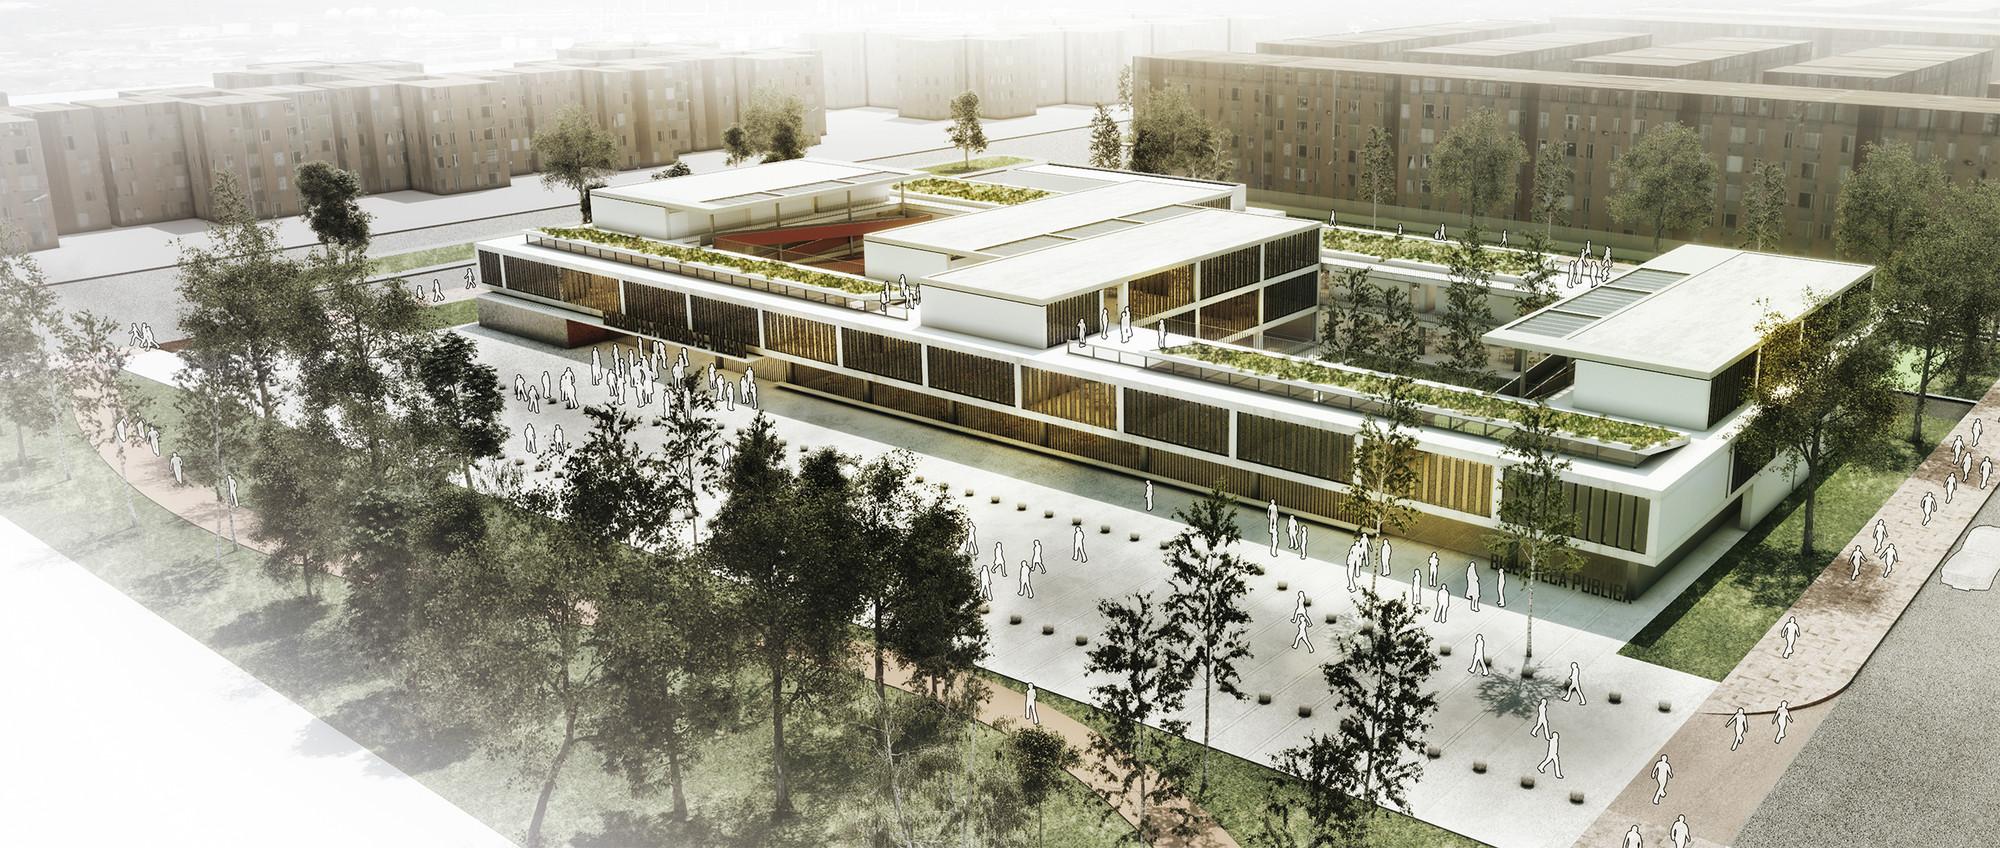 Ems arquitectos tercer lugar en concurso ambientes de for Edificios educativos arquitectura